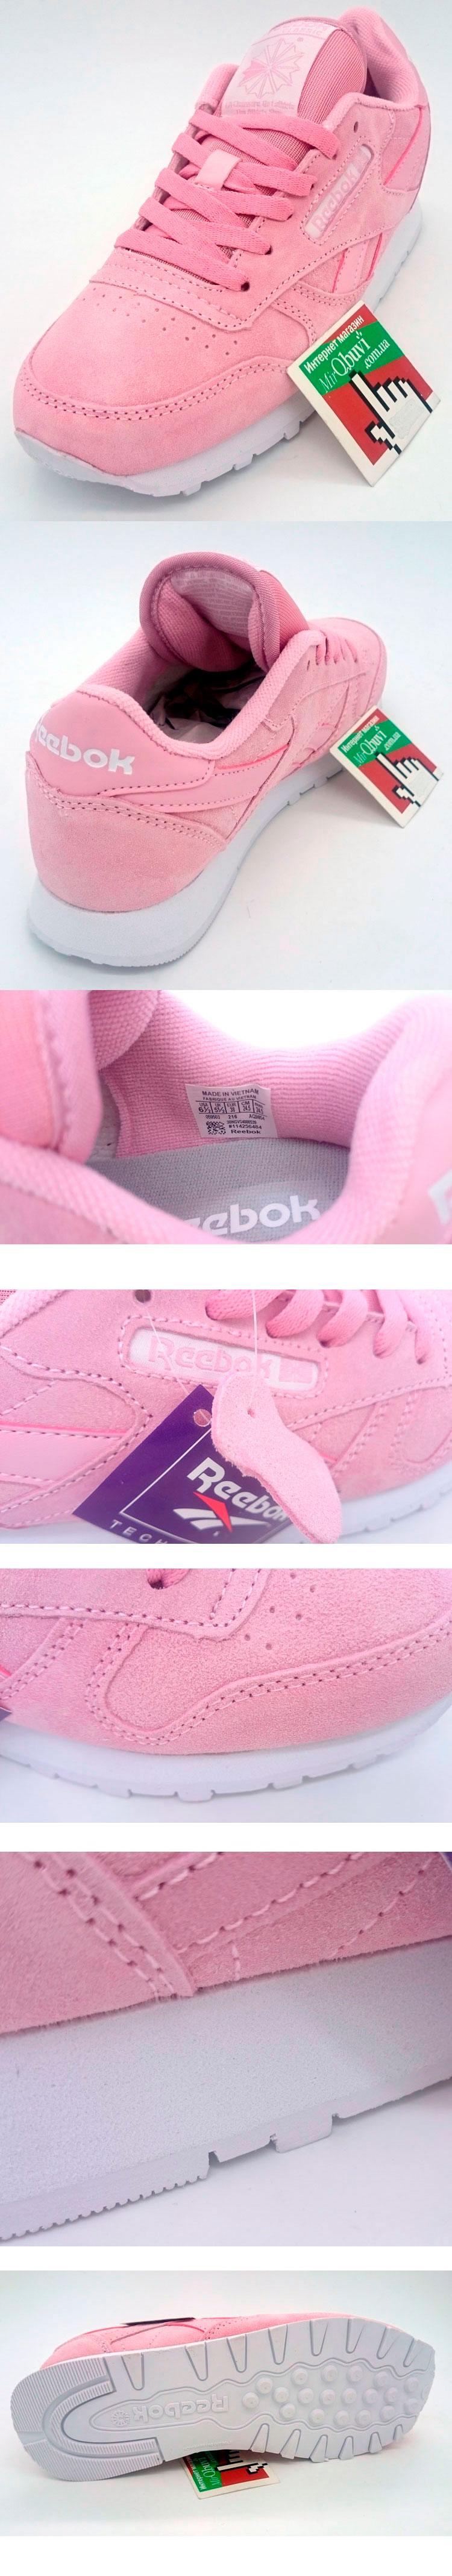 большое фото №5 Женские кроссовки Reebok classic leather pink(Рибок класик розовые натуральная замша)